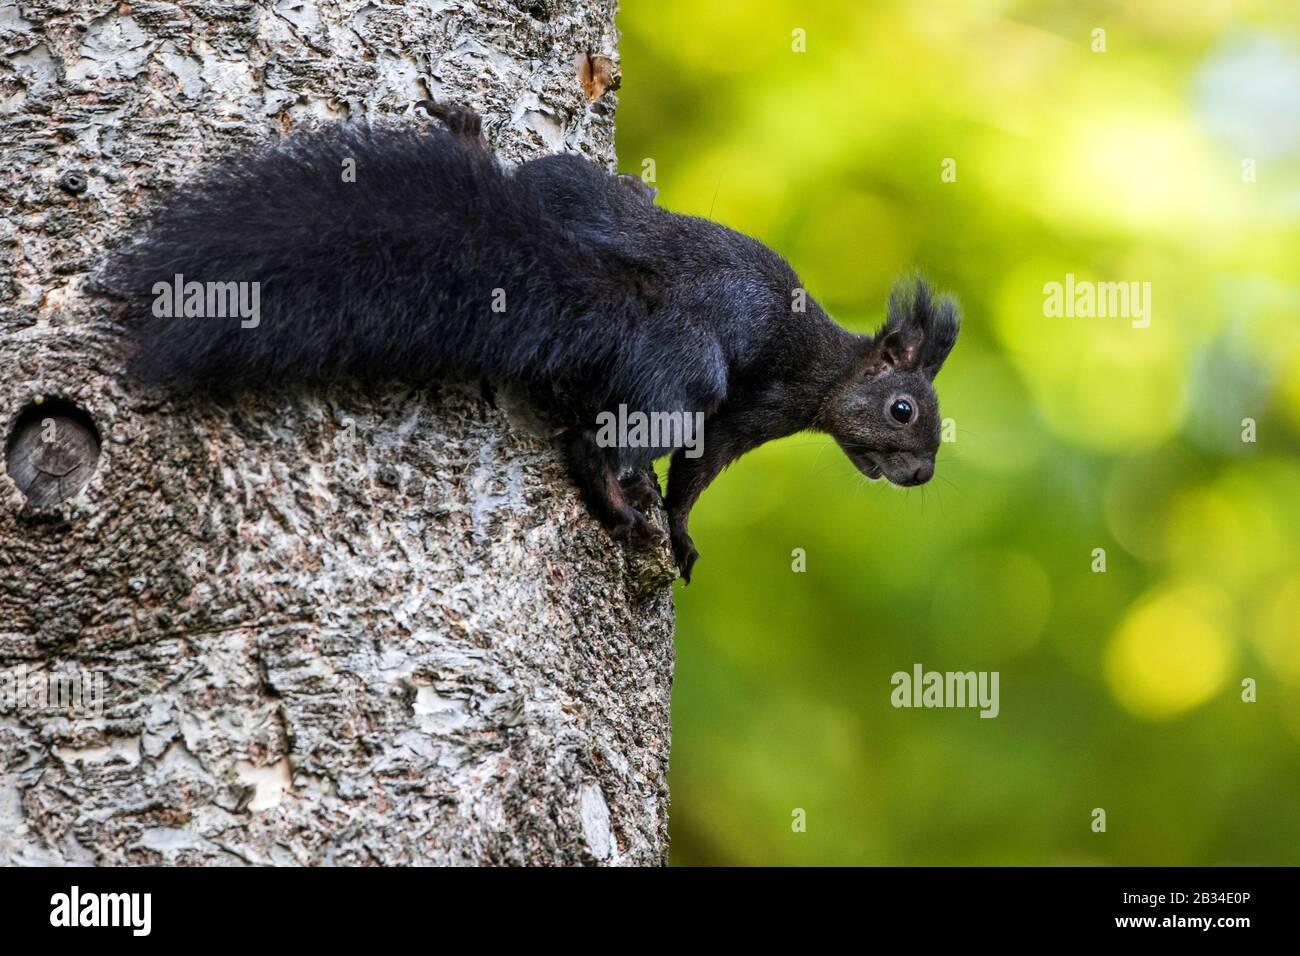 Écureuil rouge européen, écureuil rouge eurasien (Sciurus vulgaris), variété noire sur un tronc d'arbre, Allemagne, Bade-Wuerttemberg Banque D'Images